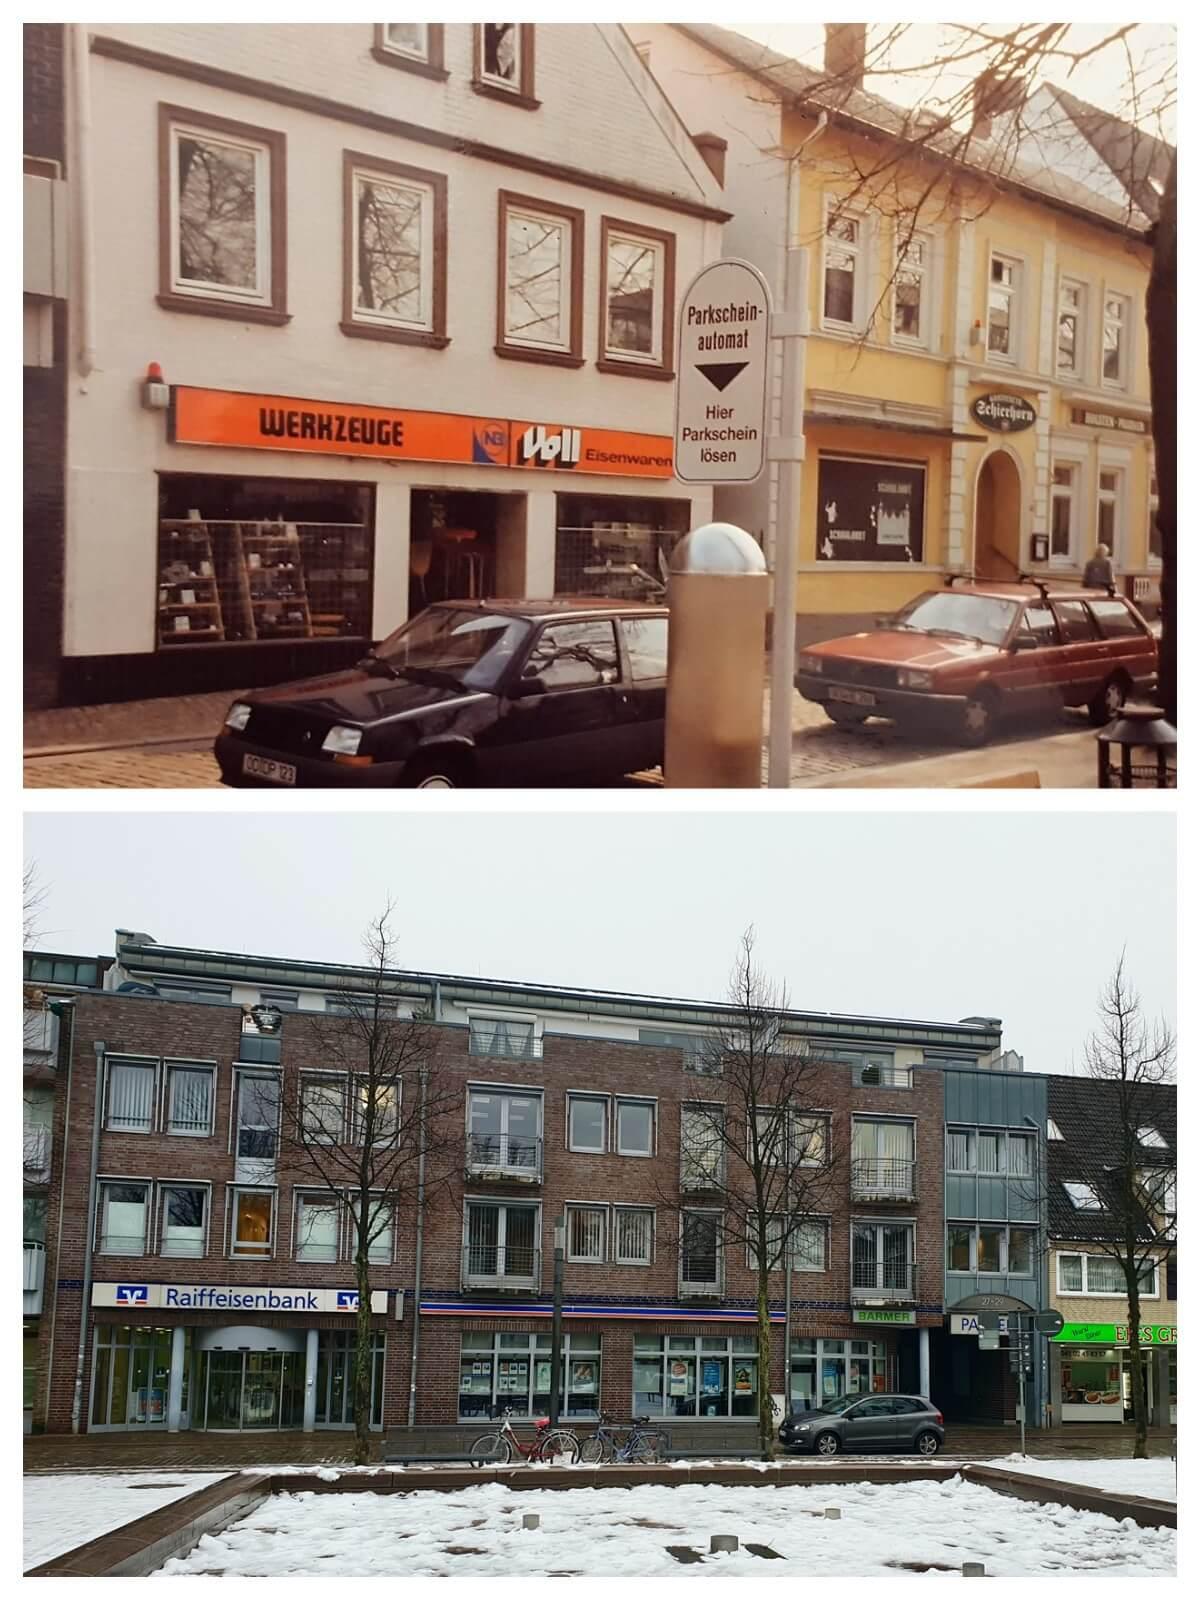 Große Straße 29 in Ahrenburg in den 90er Jahren und heute –Fotos: E. Stahmer/privatbesitz, Nicole Schmidt